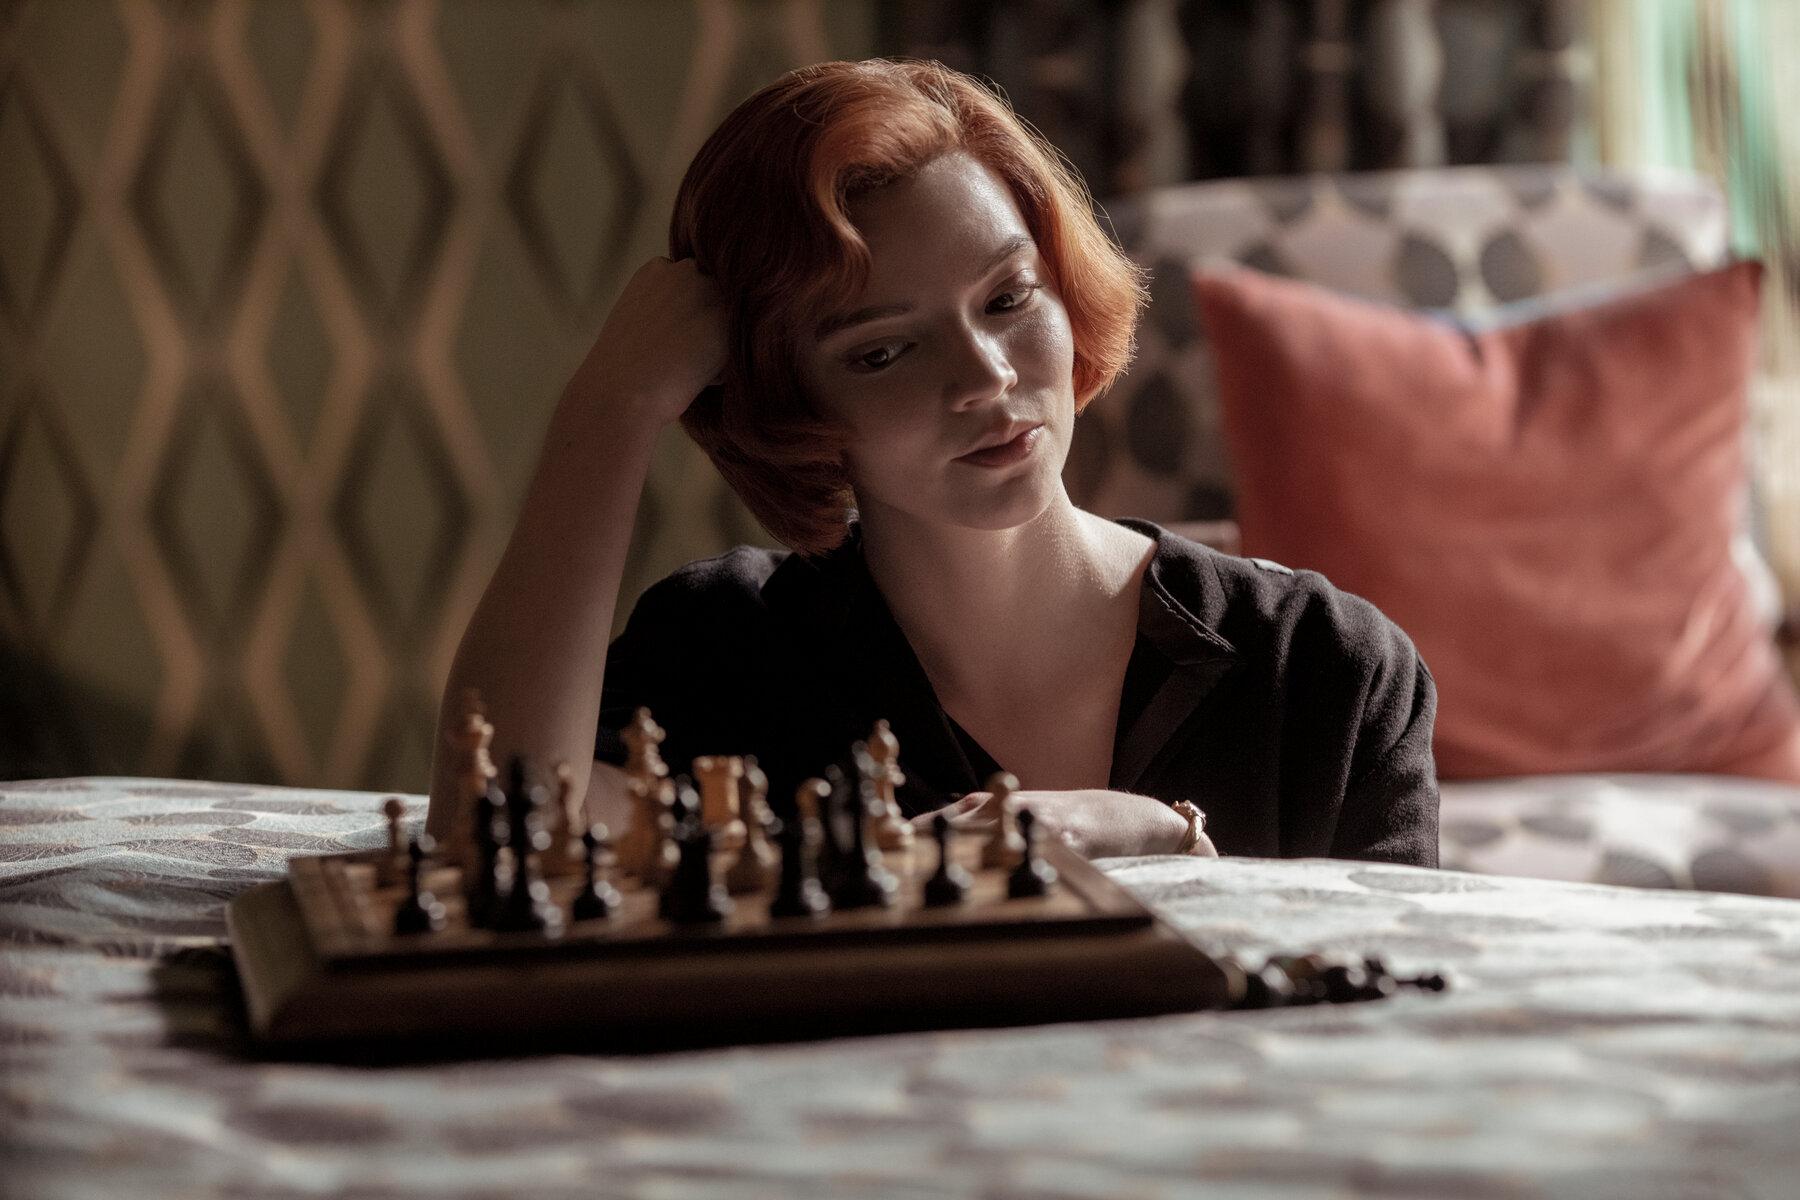 10 лучших сериалов 2020. 2 место. «Ход королевы» — прекрасный сериал, который перевернул мир шахмат